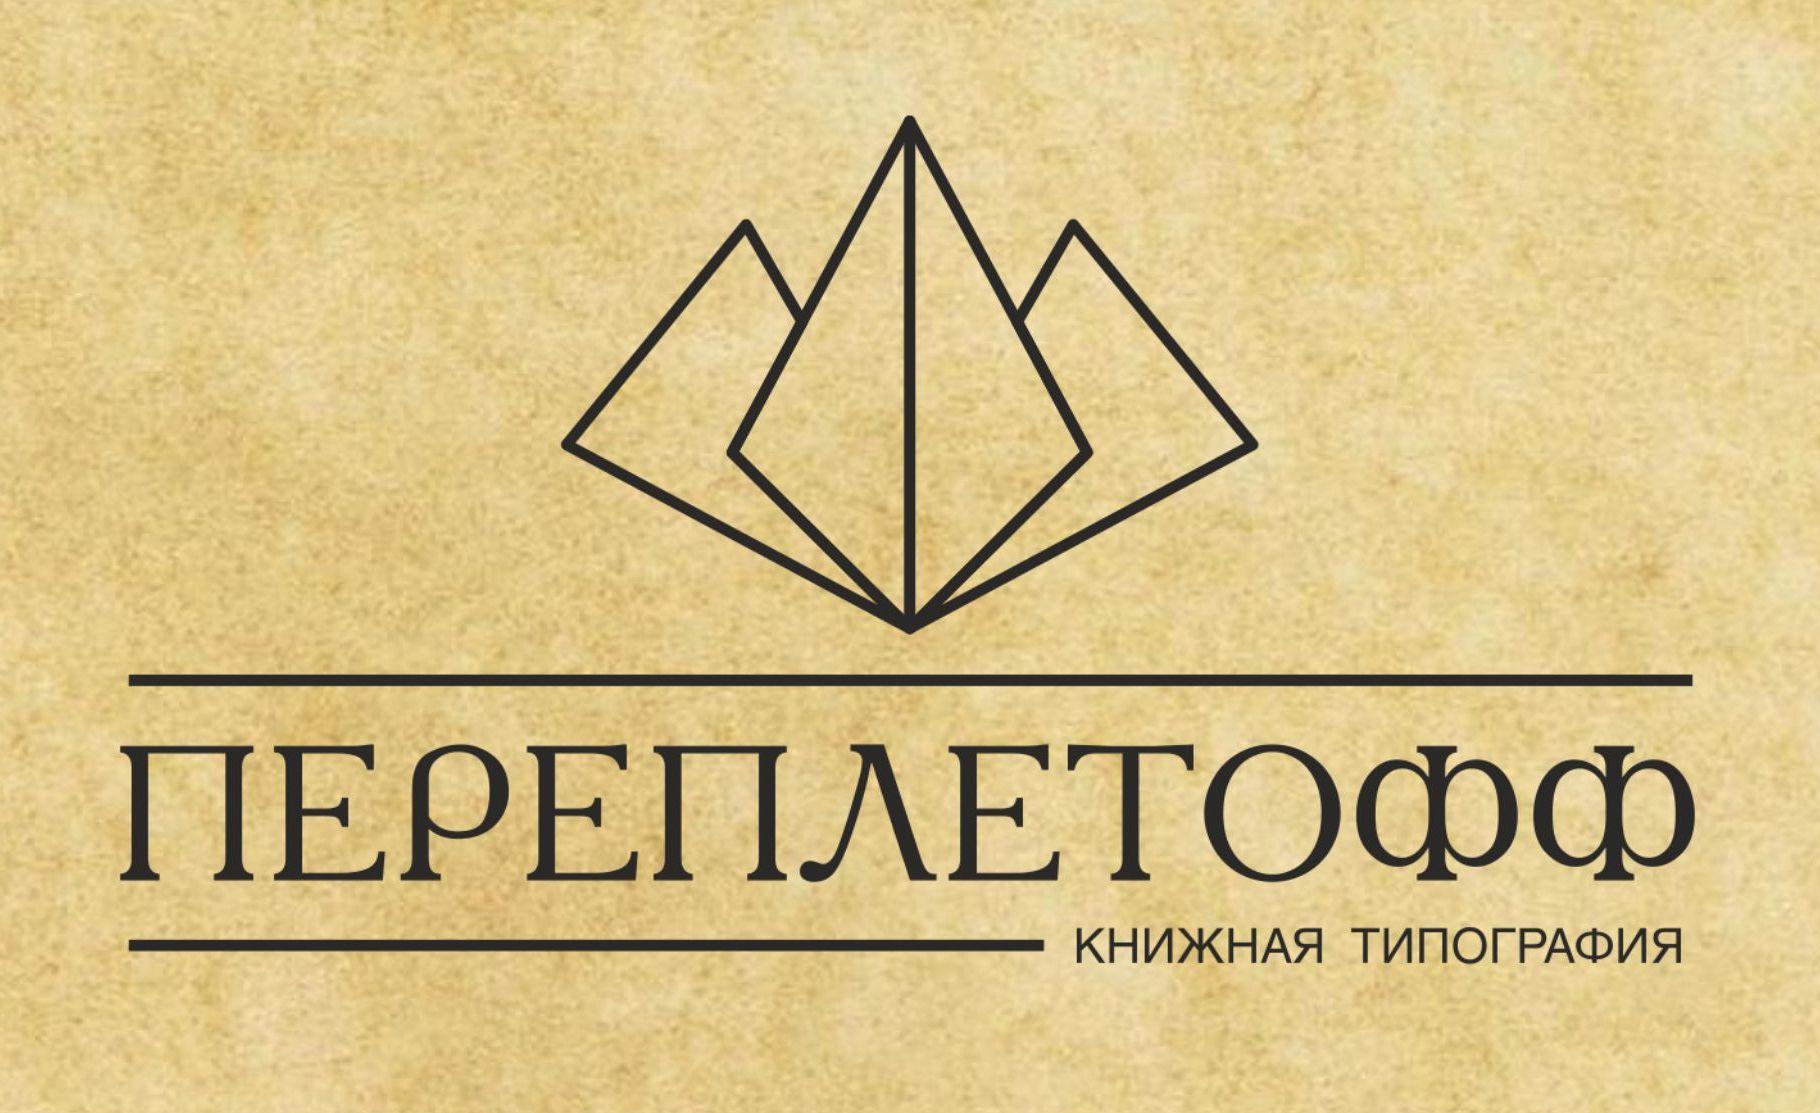 Книжная типография «Переплетофф»